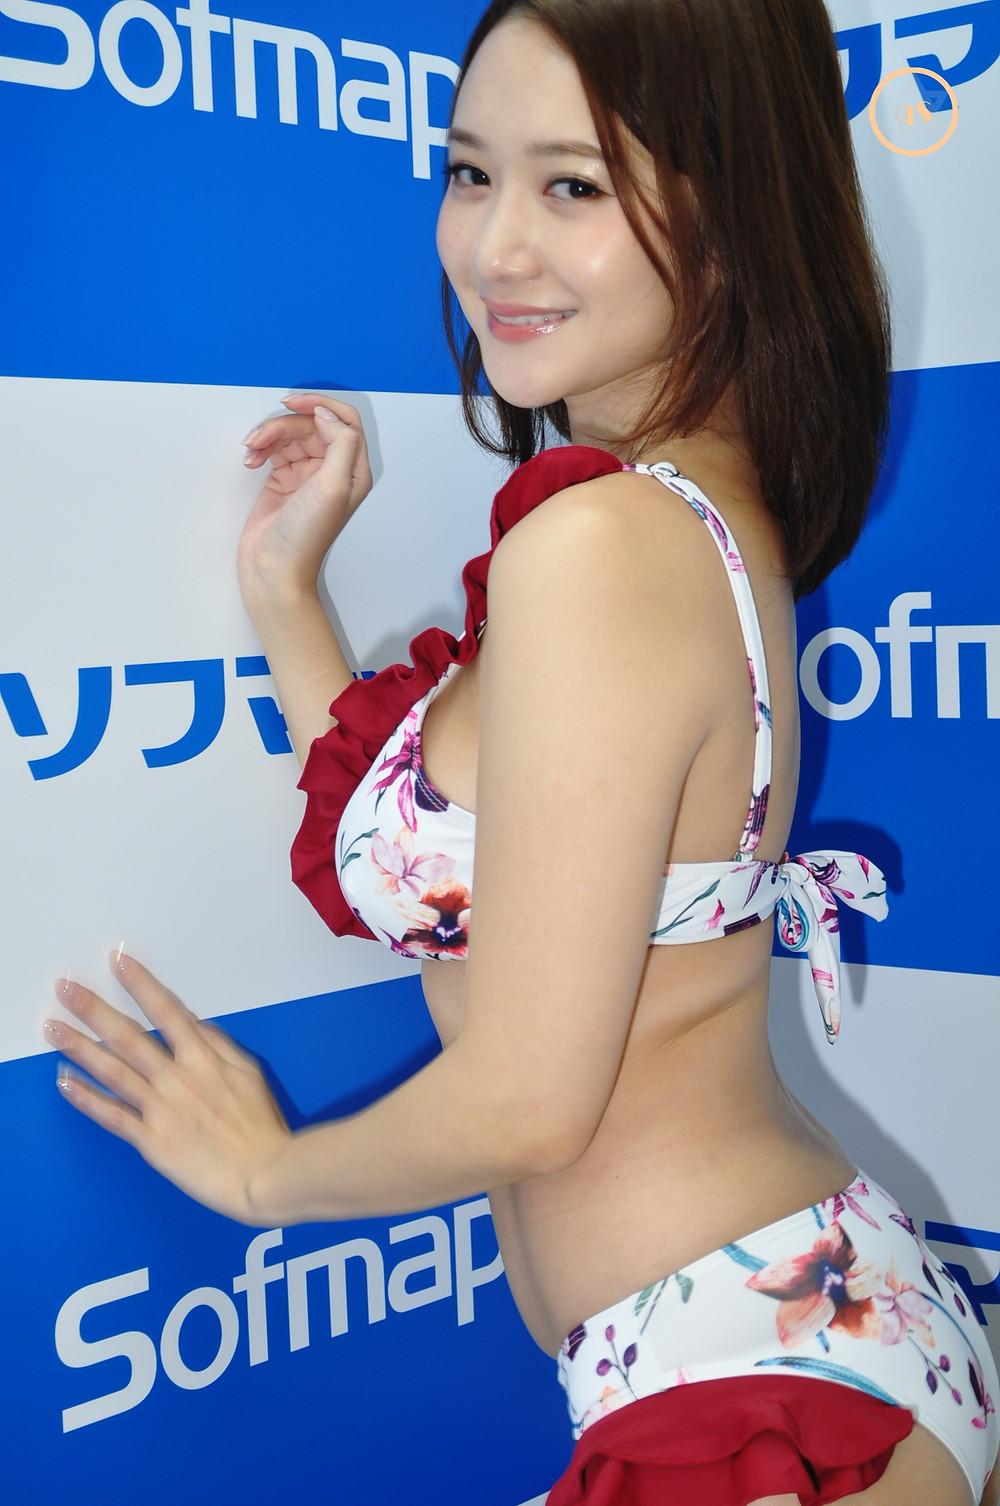 巨乳グラビアアイドル葉月ゆめ『美しい人だから/ギルド』DVD発売記念イベント (1)